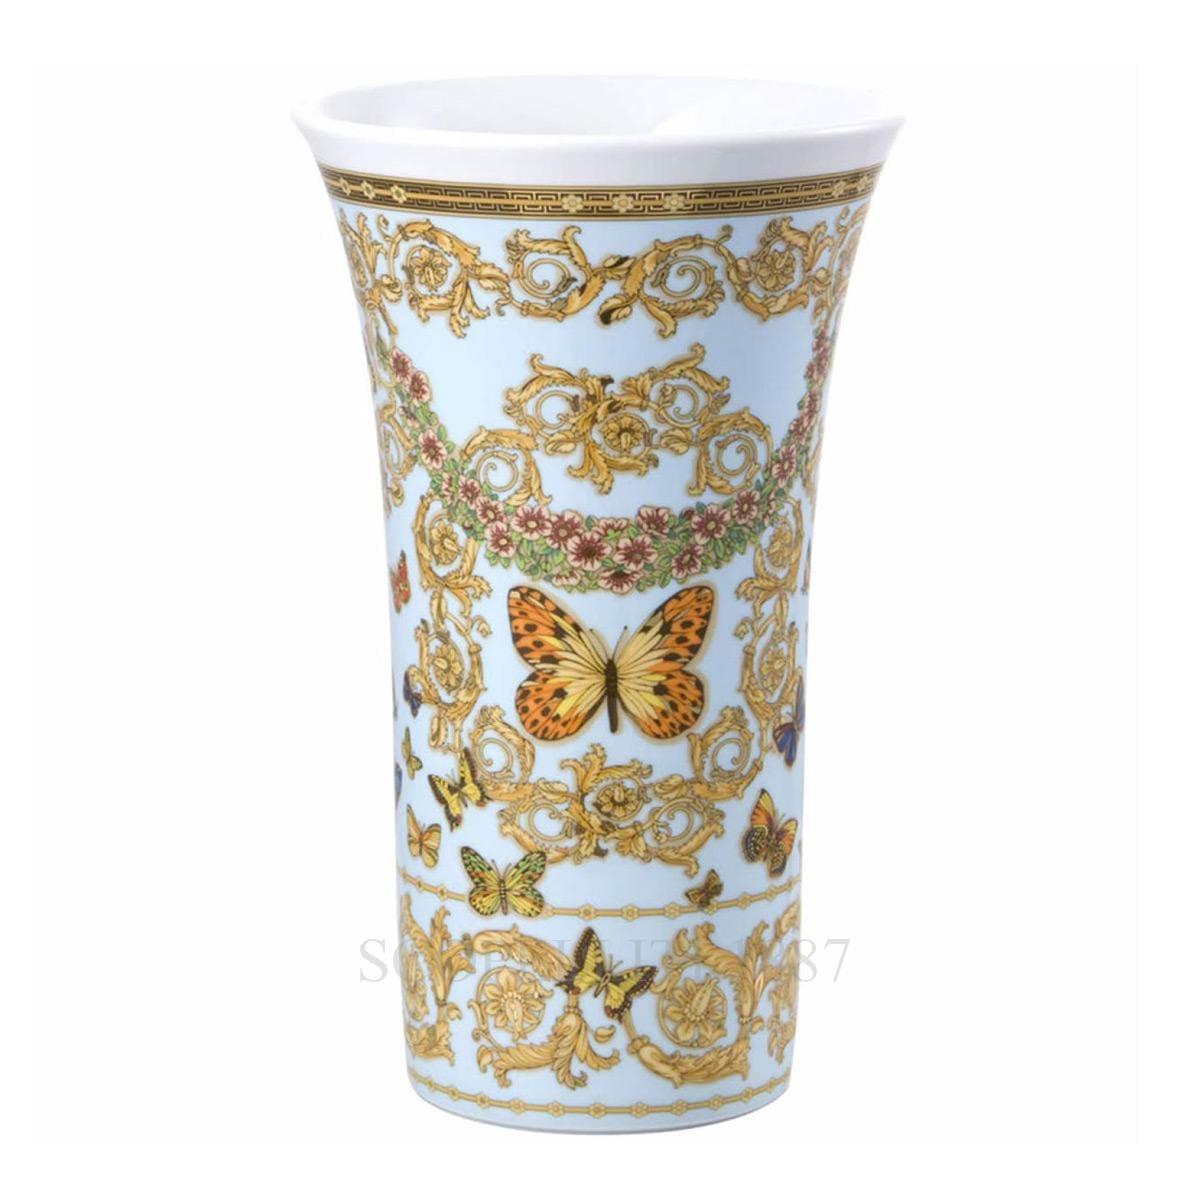 Versace Le Jardin de Versace Vase 34 cm by Rosenthal